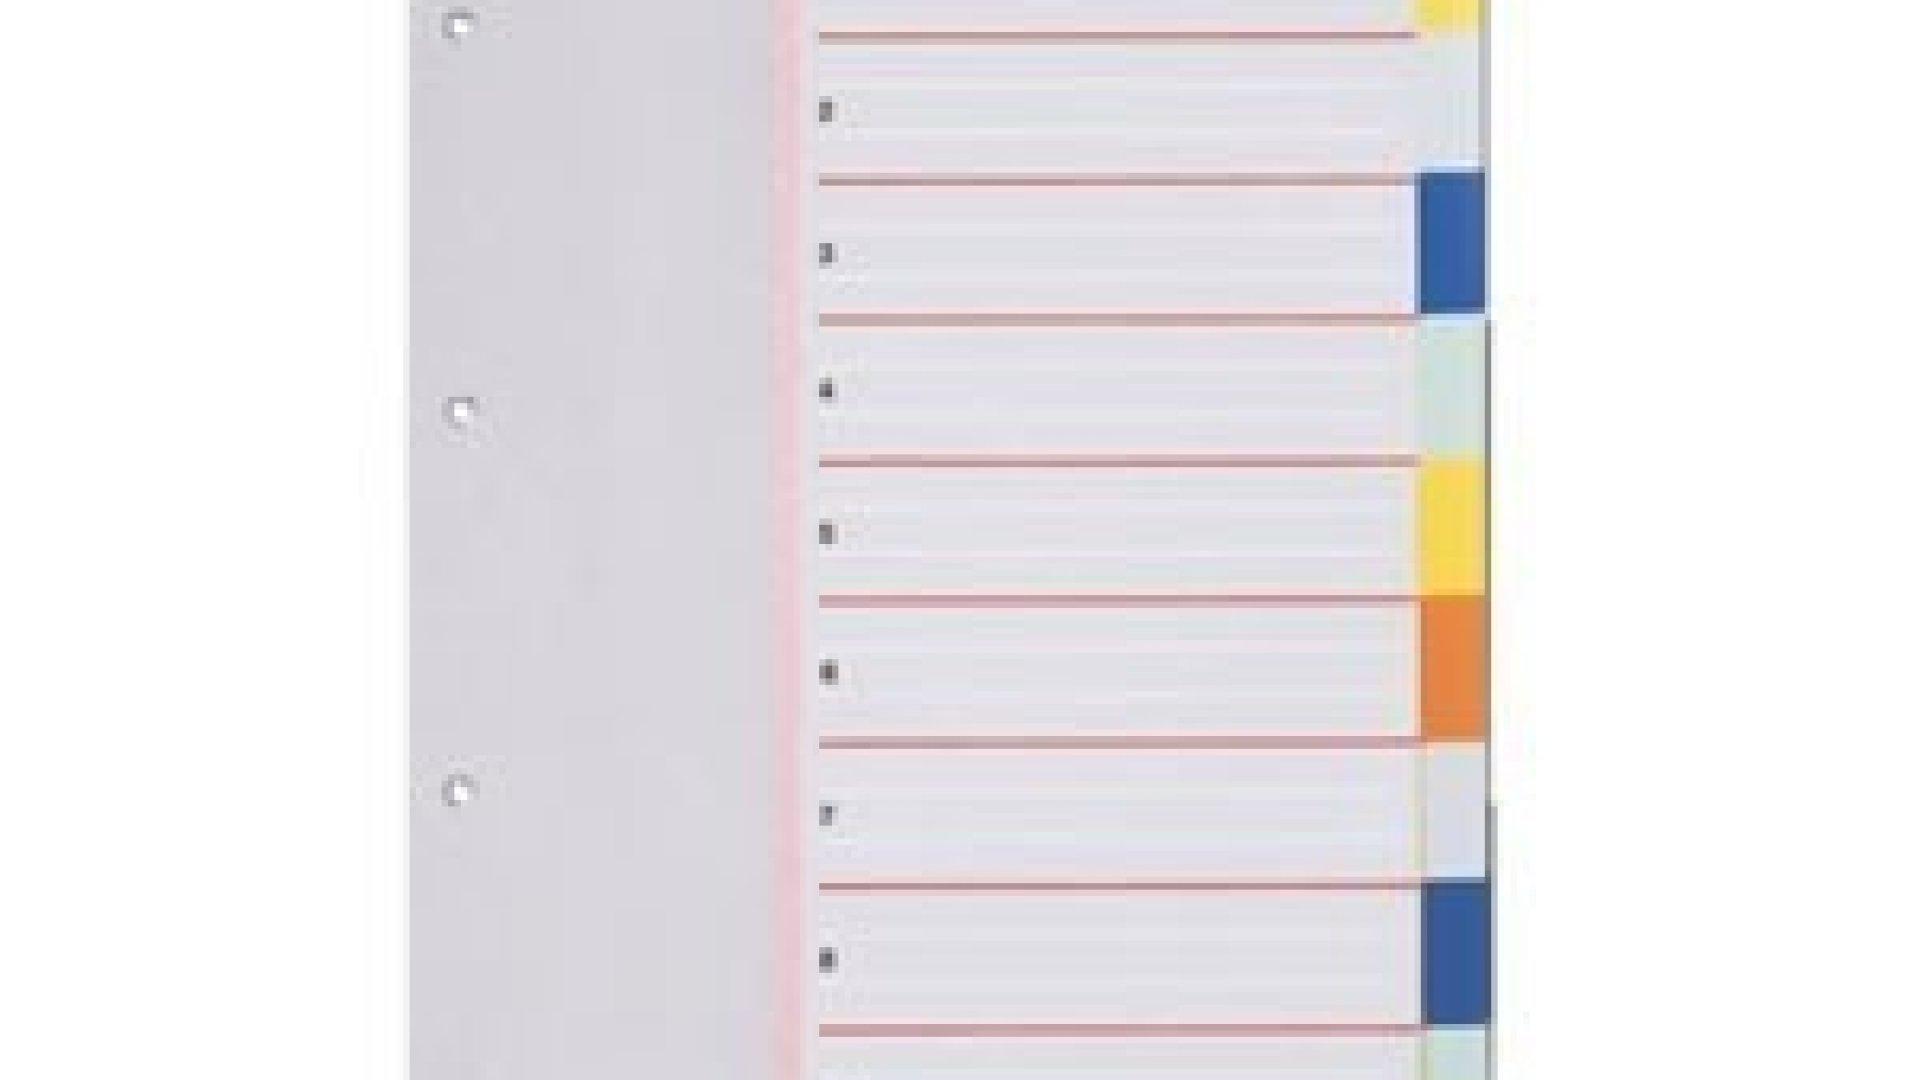 pregradni-kartoni-i-indeksi